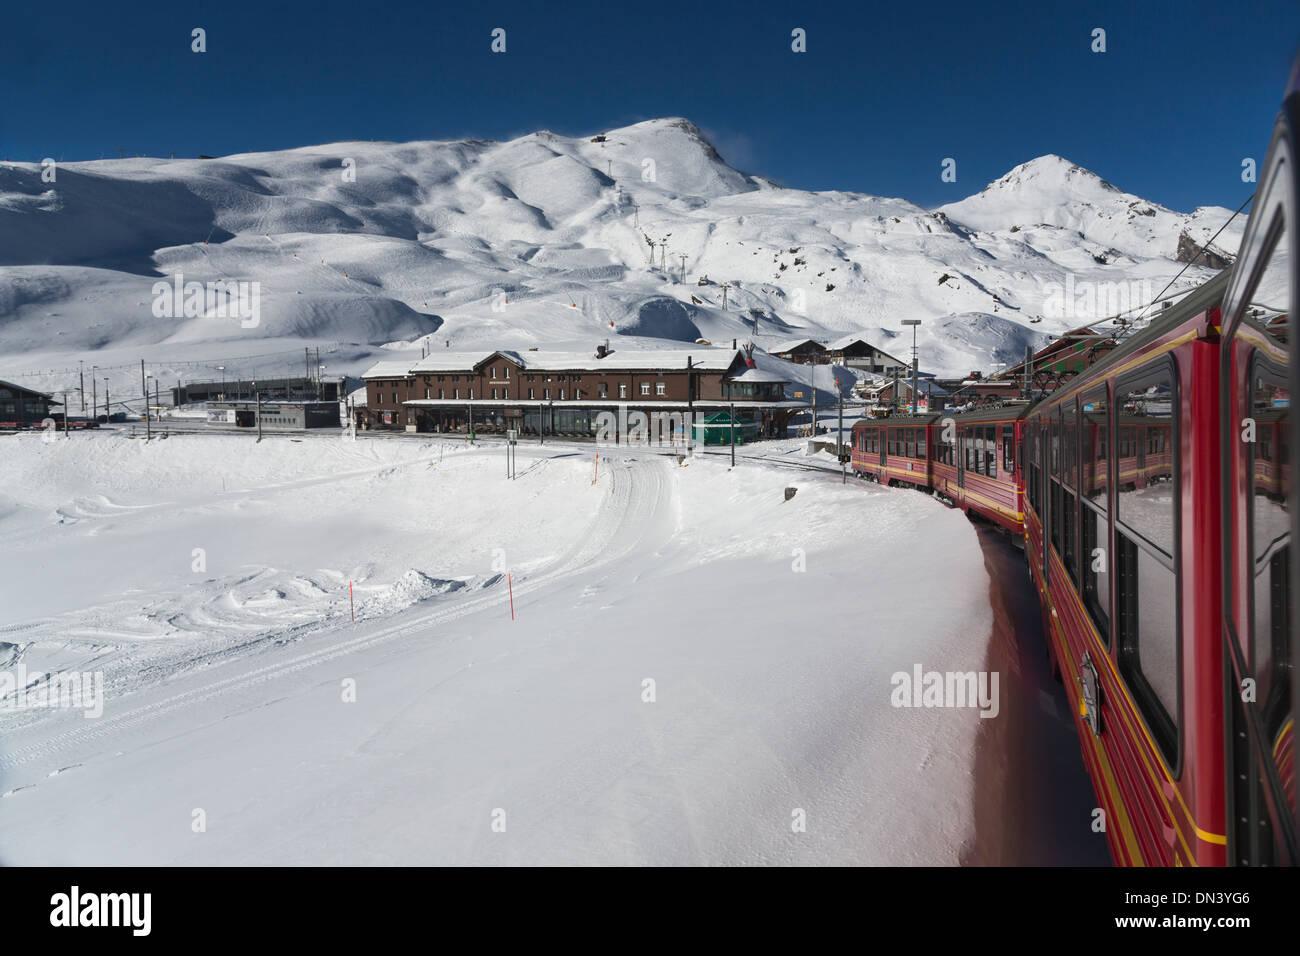 Jungfraubahn Railway cars pulling into Kleine Scheidegg railway station, Bernese Alps, Switzerland - Stock Image